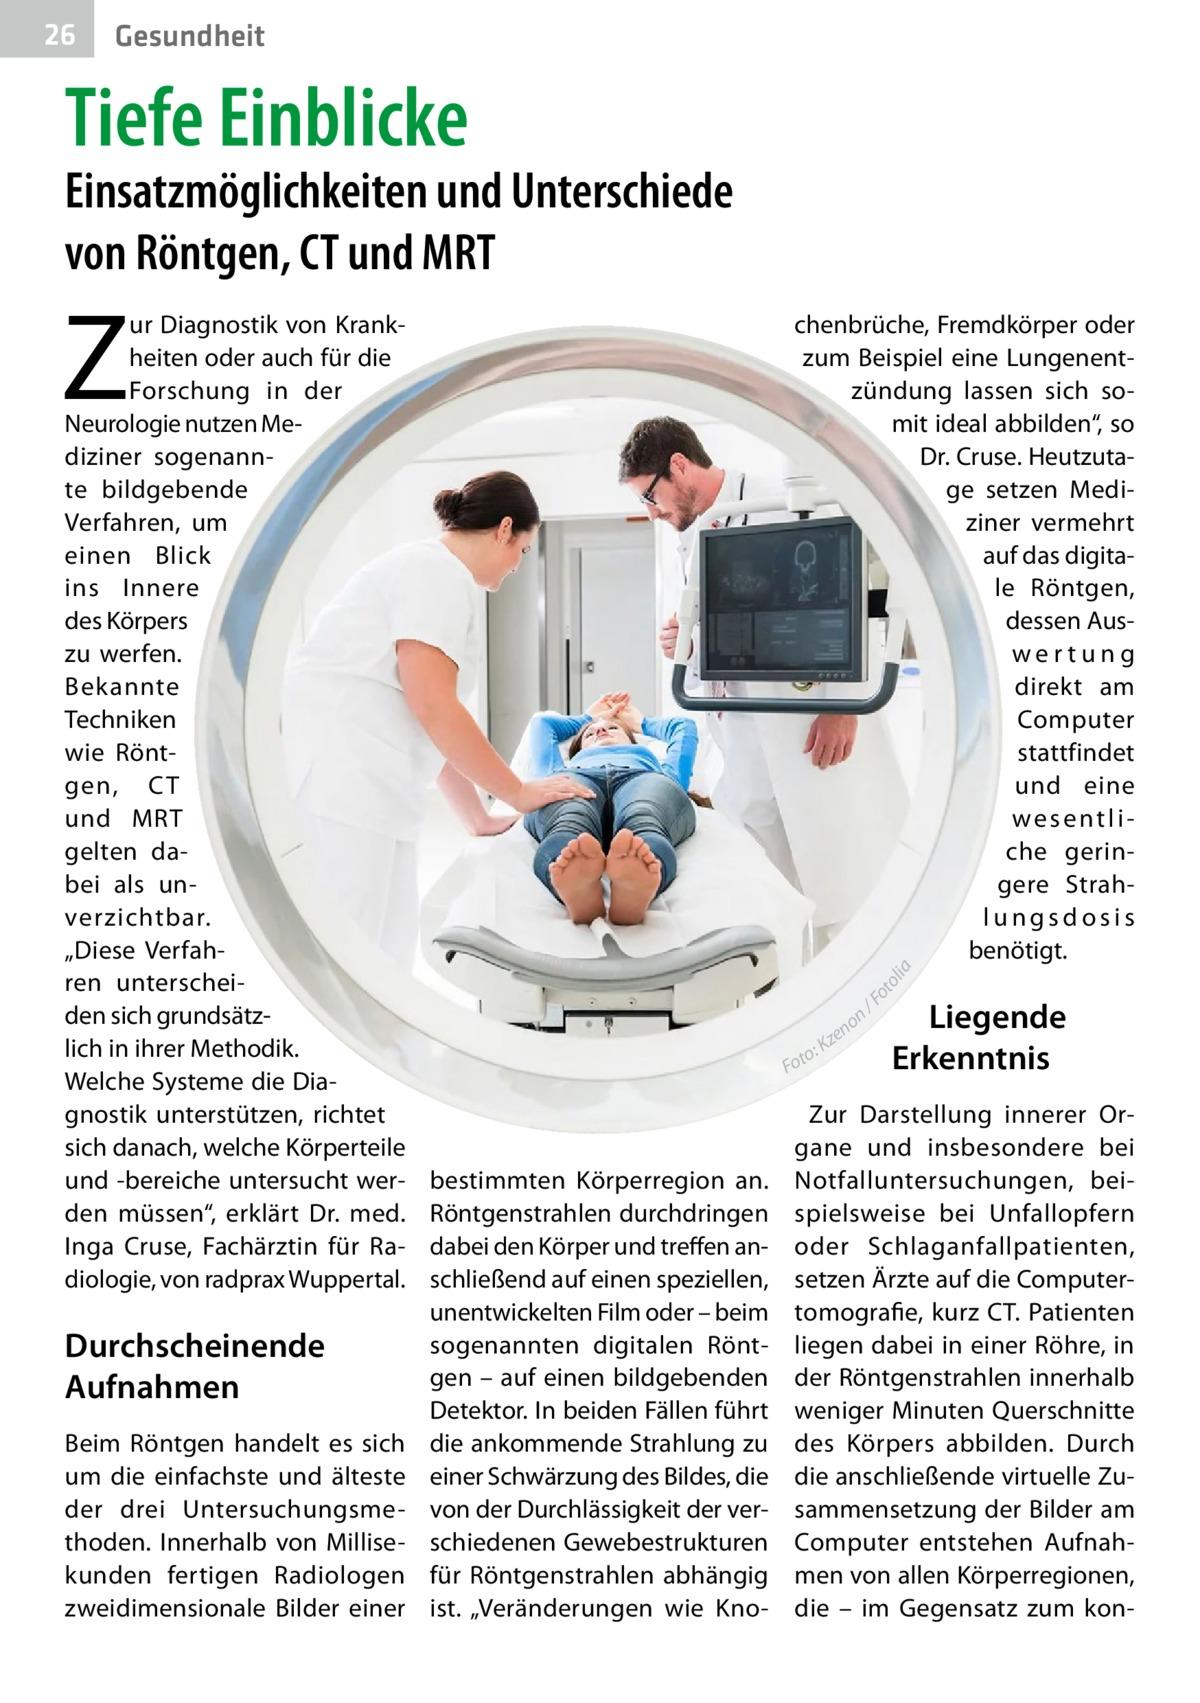 """26  Gesundheit  Tiefe Einblicke  Einsatzmöglichkeiten und Unterschiede von Röntgen, CT und MRT  Z  Durchscheinende Aufnahmen Beim Röntgen handelt es sich um die einfachste und älteste der drei Untersuchungsmethoden. Innerhalb von Millisekunden fertigen Radiologen zweidimensionale Bilder einer  chenbrüche, Fremdkörper oder zum Beispiel eine Lungenentzündung lassen sich somit ideal abbilden"""", so Dr.Cruse. Heutzutage setzen Mediziner vermehrt auf das digitale Röntgen, dessen Auswertung direkt am Computer stattfindet und eine wesentliche geringere Strahlungsdosis benötigt. Fo to lia  ur Diagnostik von Krankheiten oder auch für die Forschung in der Neurologie nutzen Mediziner sogenannte bildgebende Verfahren, um einen Blick ins Innere des Körpers zu werfen. Bekannte Techniken wie Röntgen, C T und MRT gelten dabei als unverzichtbar. """"Diese Verfahren unterscheiden sich grundsätzlich in ihrer Methodik. Welche Systeme die Diagnostik unterstützen, richtet sich danach, welche Körperteile und -bereiche untersucht werden müssen"""", erklärt Dr. med. Inga Cruse, Fachärztin für Radiologie, von radprax Wuppertal.  n/ no ze K o: Fot  bestimmten Körperregion an. Röntgenstrahlen durchdringen dabei den Körper und treffen anschließend auf einen speziellen, unentwickelten Film oder – beim sogenannten digitalen Röntgen – auf einen bildgebenden Detektor. In beiden Fällen führt die ankommende Strahlung zu einer Schwärzung des Bildes, die von der Durchlässigkeit der verschiedenen Gewebestrukturen für Röntgenstrahlen abhängig ist. """"Veränderungen wie Kno Liegende Erkenntnis  Zur Darstellung innerer Organe und insbesondere bei Notfalluntersuchungen, beispielsweise bei Unfallopfern oder Schlaganfallpatienten, setzen Ärzte auf die Computertomografie, kurz CT. Patienten liegen dabei in einer Röhre, in der Röntgenstrahlen innerhalb weniger Minuten Querschnitte des Körpers abbilden. Durch die anschließende virtuelle Zusammensetzung der Bilder am Computer entstehen Aufnahmen von allen Körperregionen, di"""